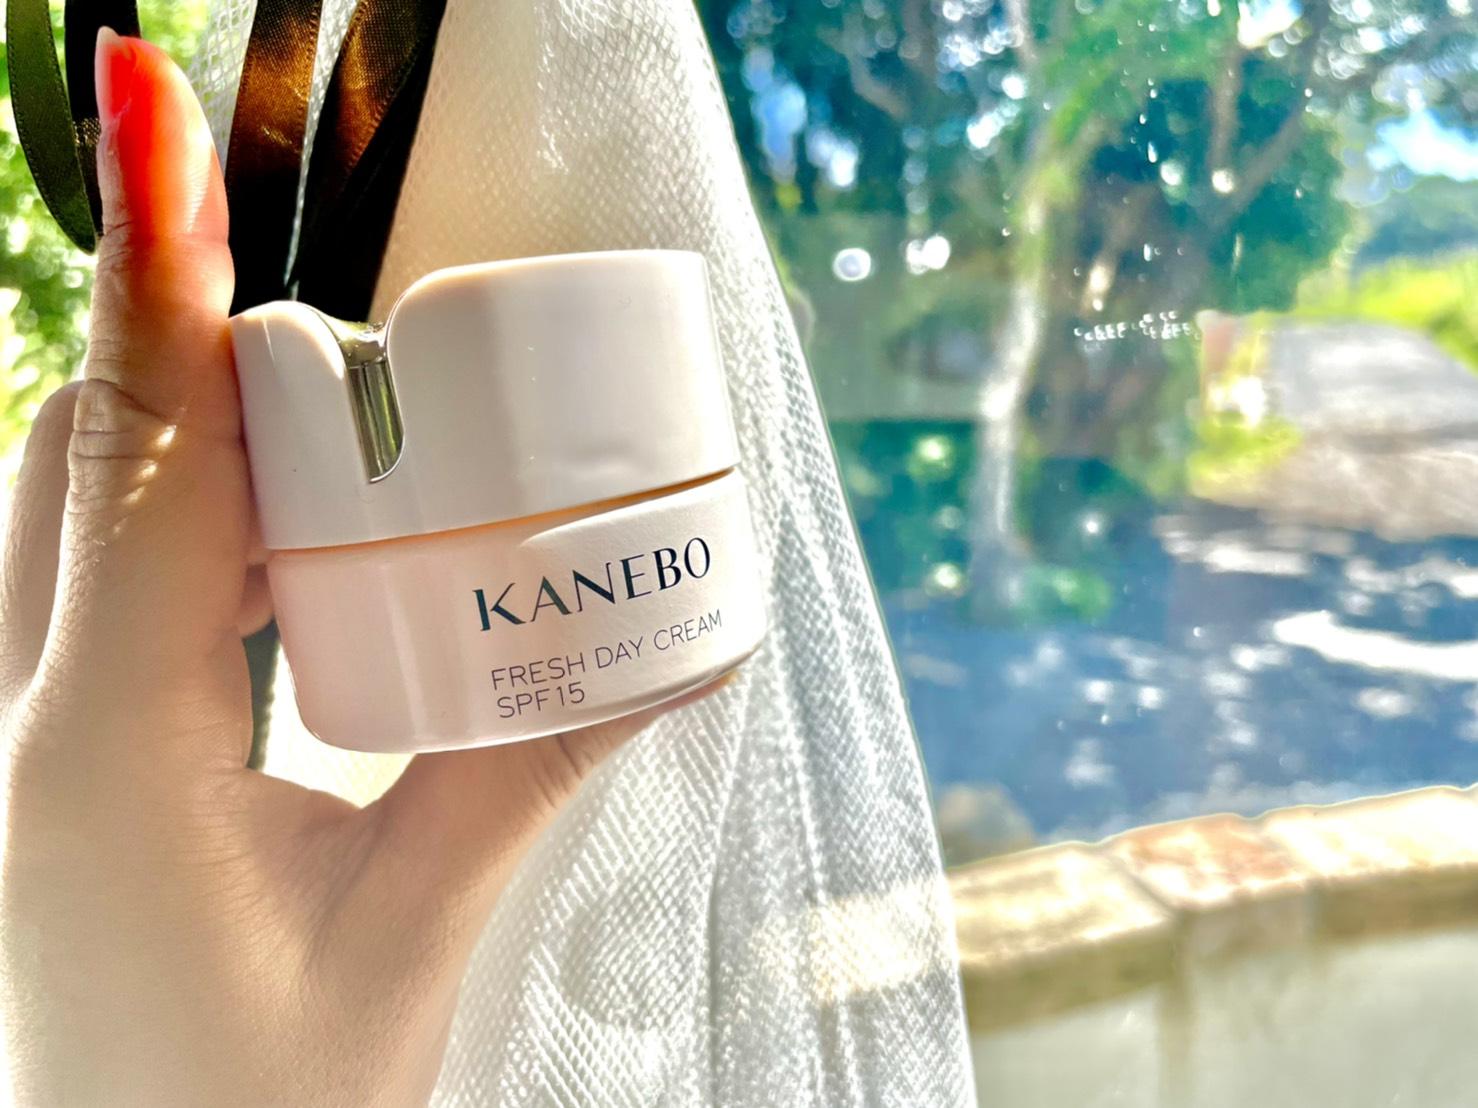 KANEBOのFRESH DAY CREAM